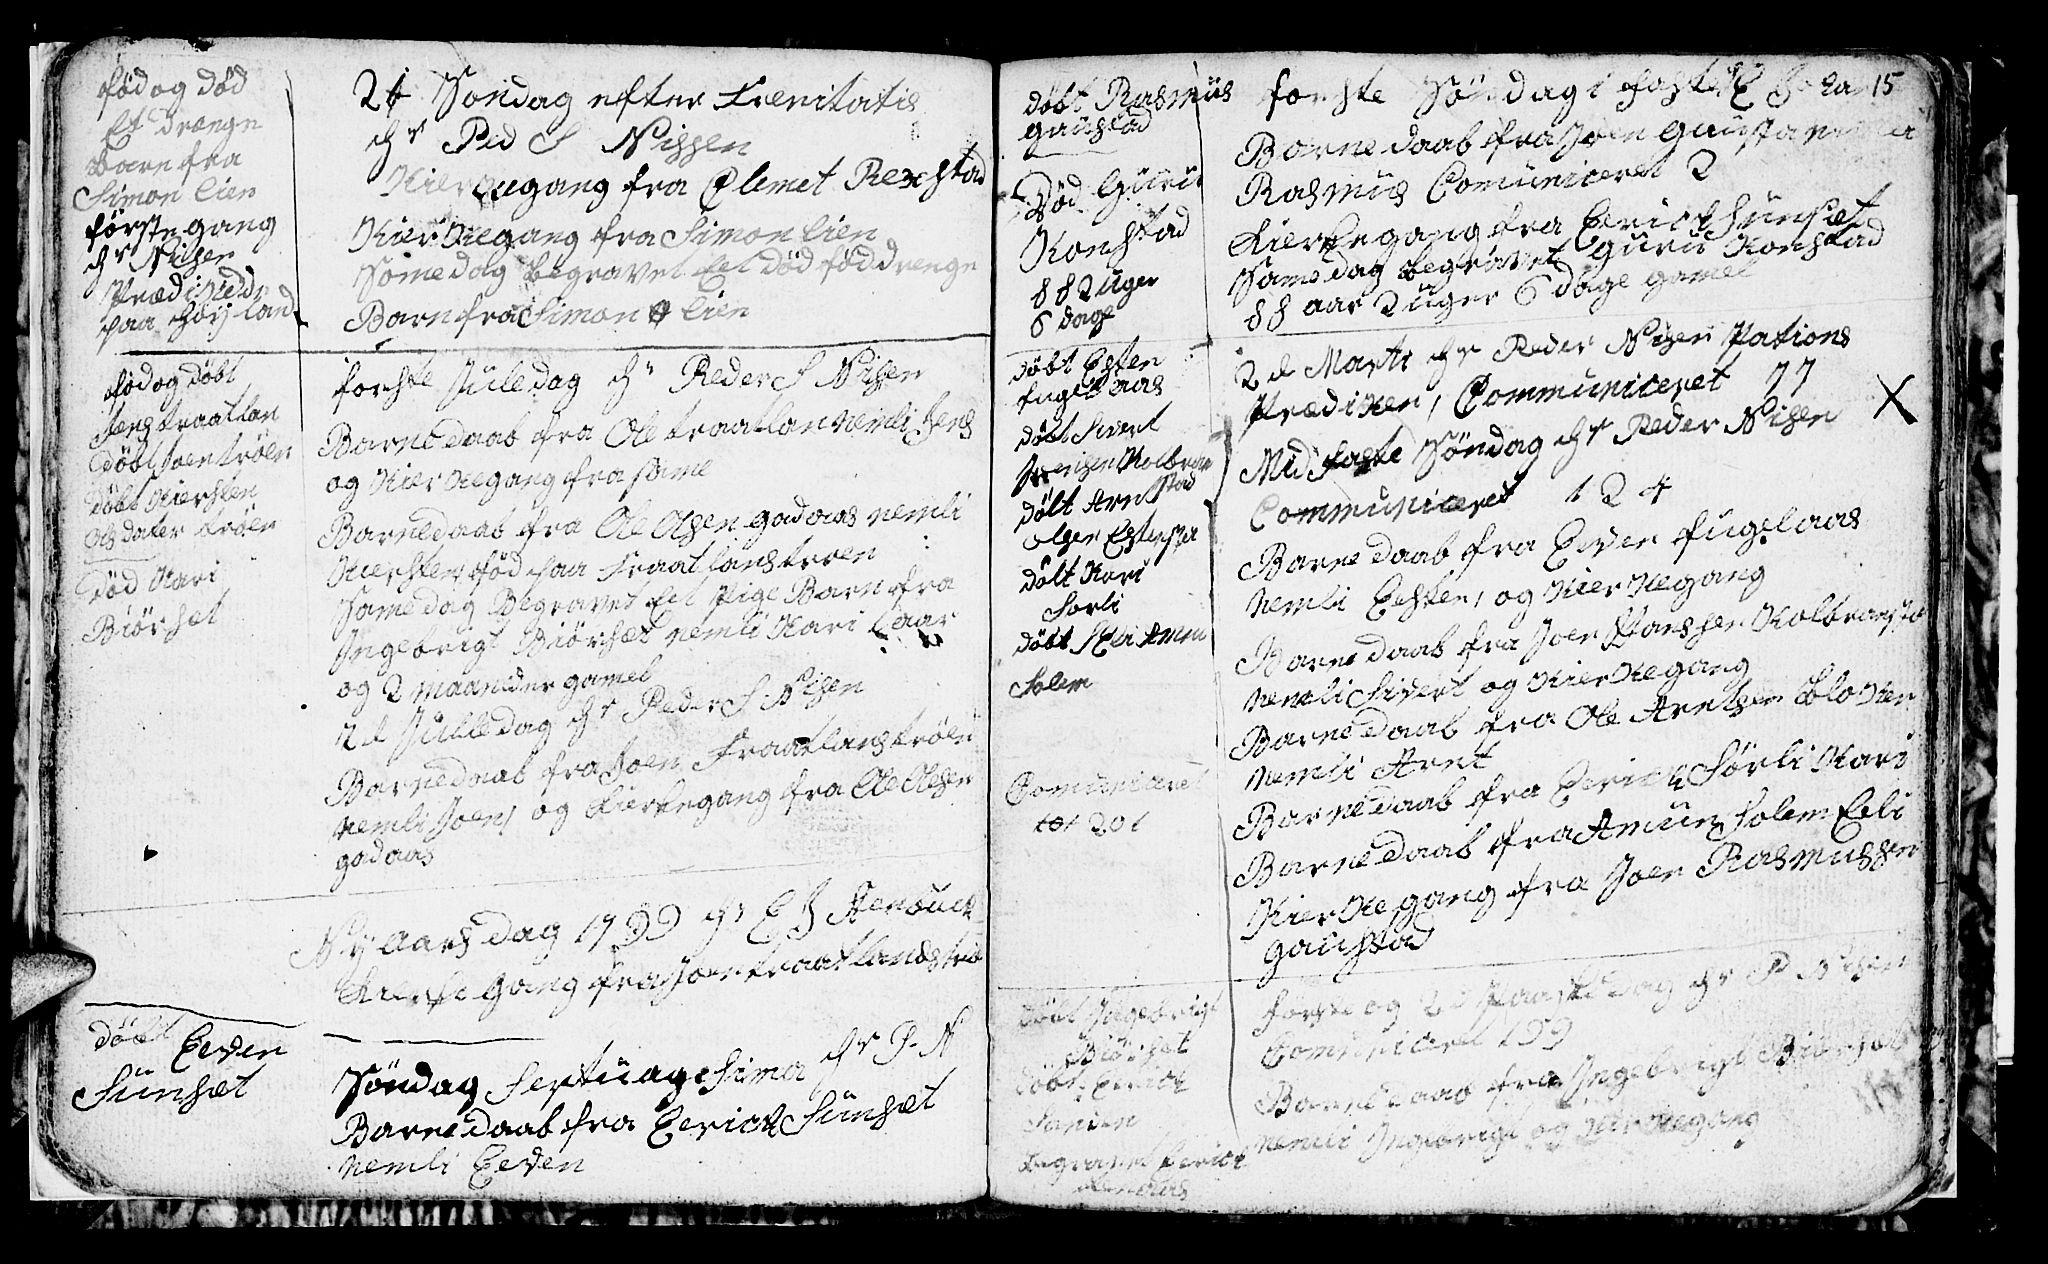 SAT, Ministerialprotokoller, klokkerbøker og fødselsregistre - Sør-Trøndelag, 694/L1129: Klokkerbok nr. 694C01, 1793-1815, s. 15